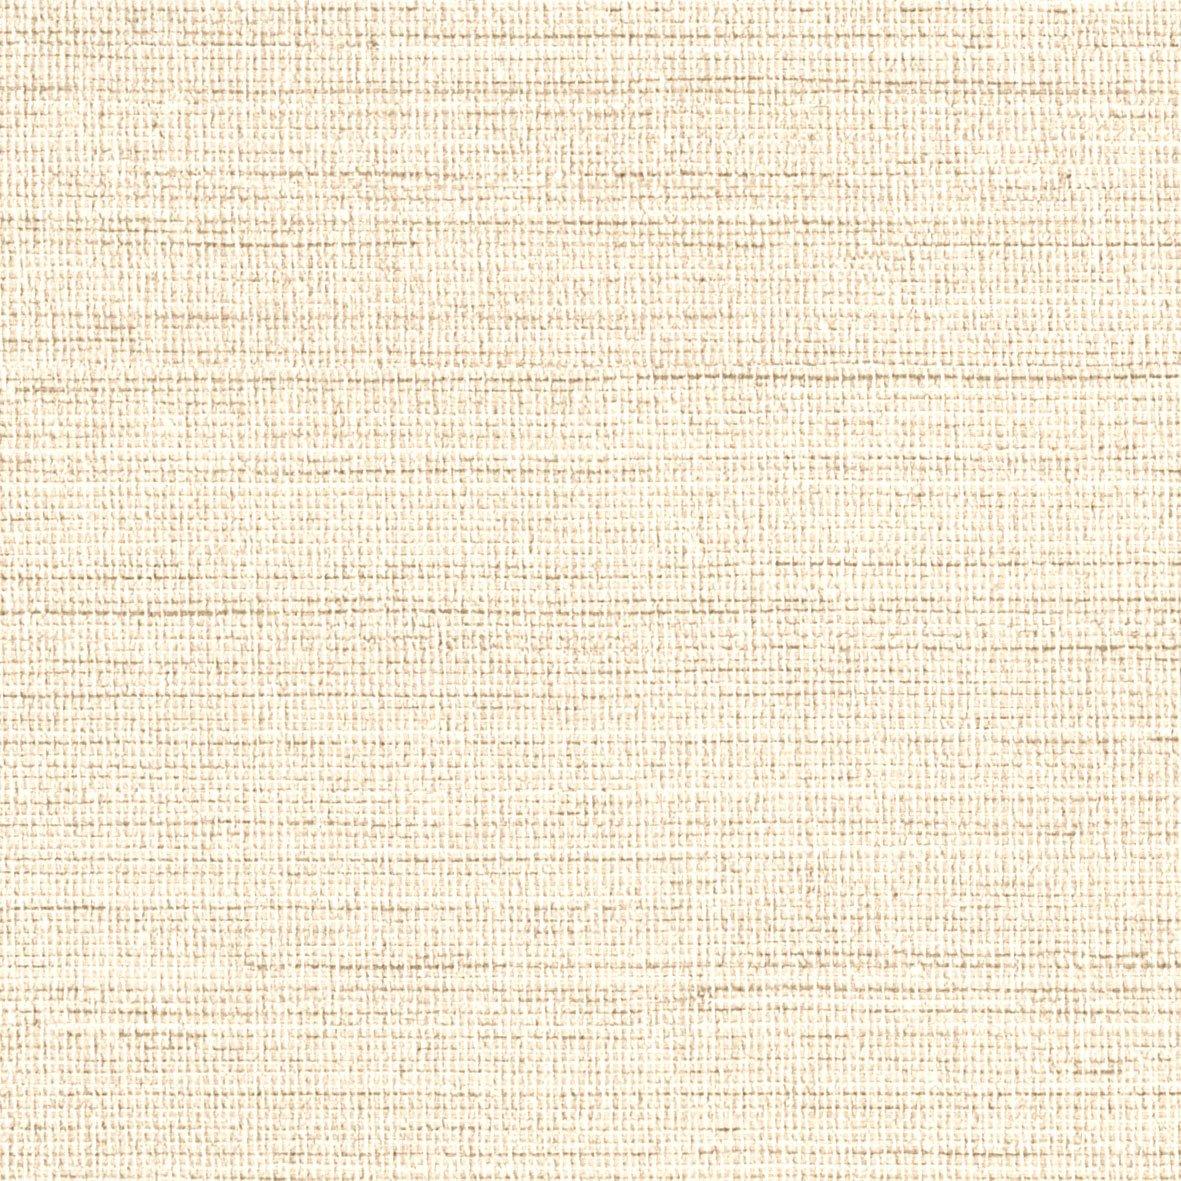 リリカラ 壁紙45m モダン 織物調 ベージュ カラーバリエーション LV-6151 B01IHSBPZA 45m|ベージュ